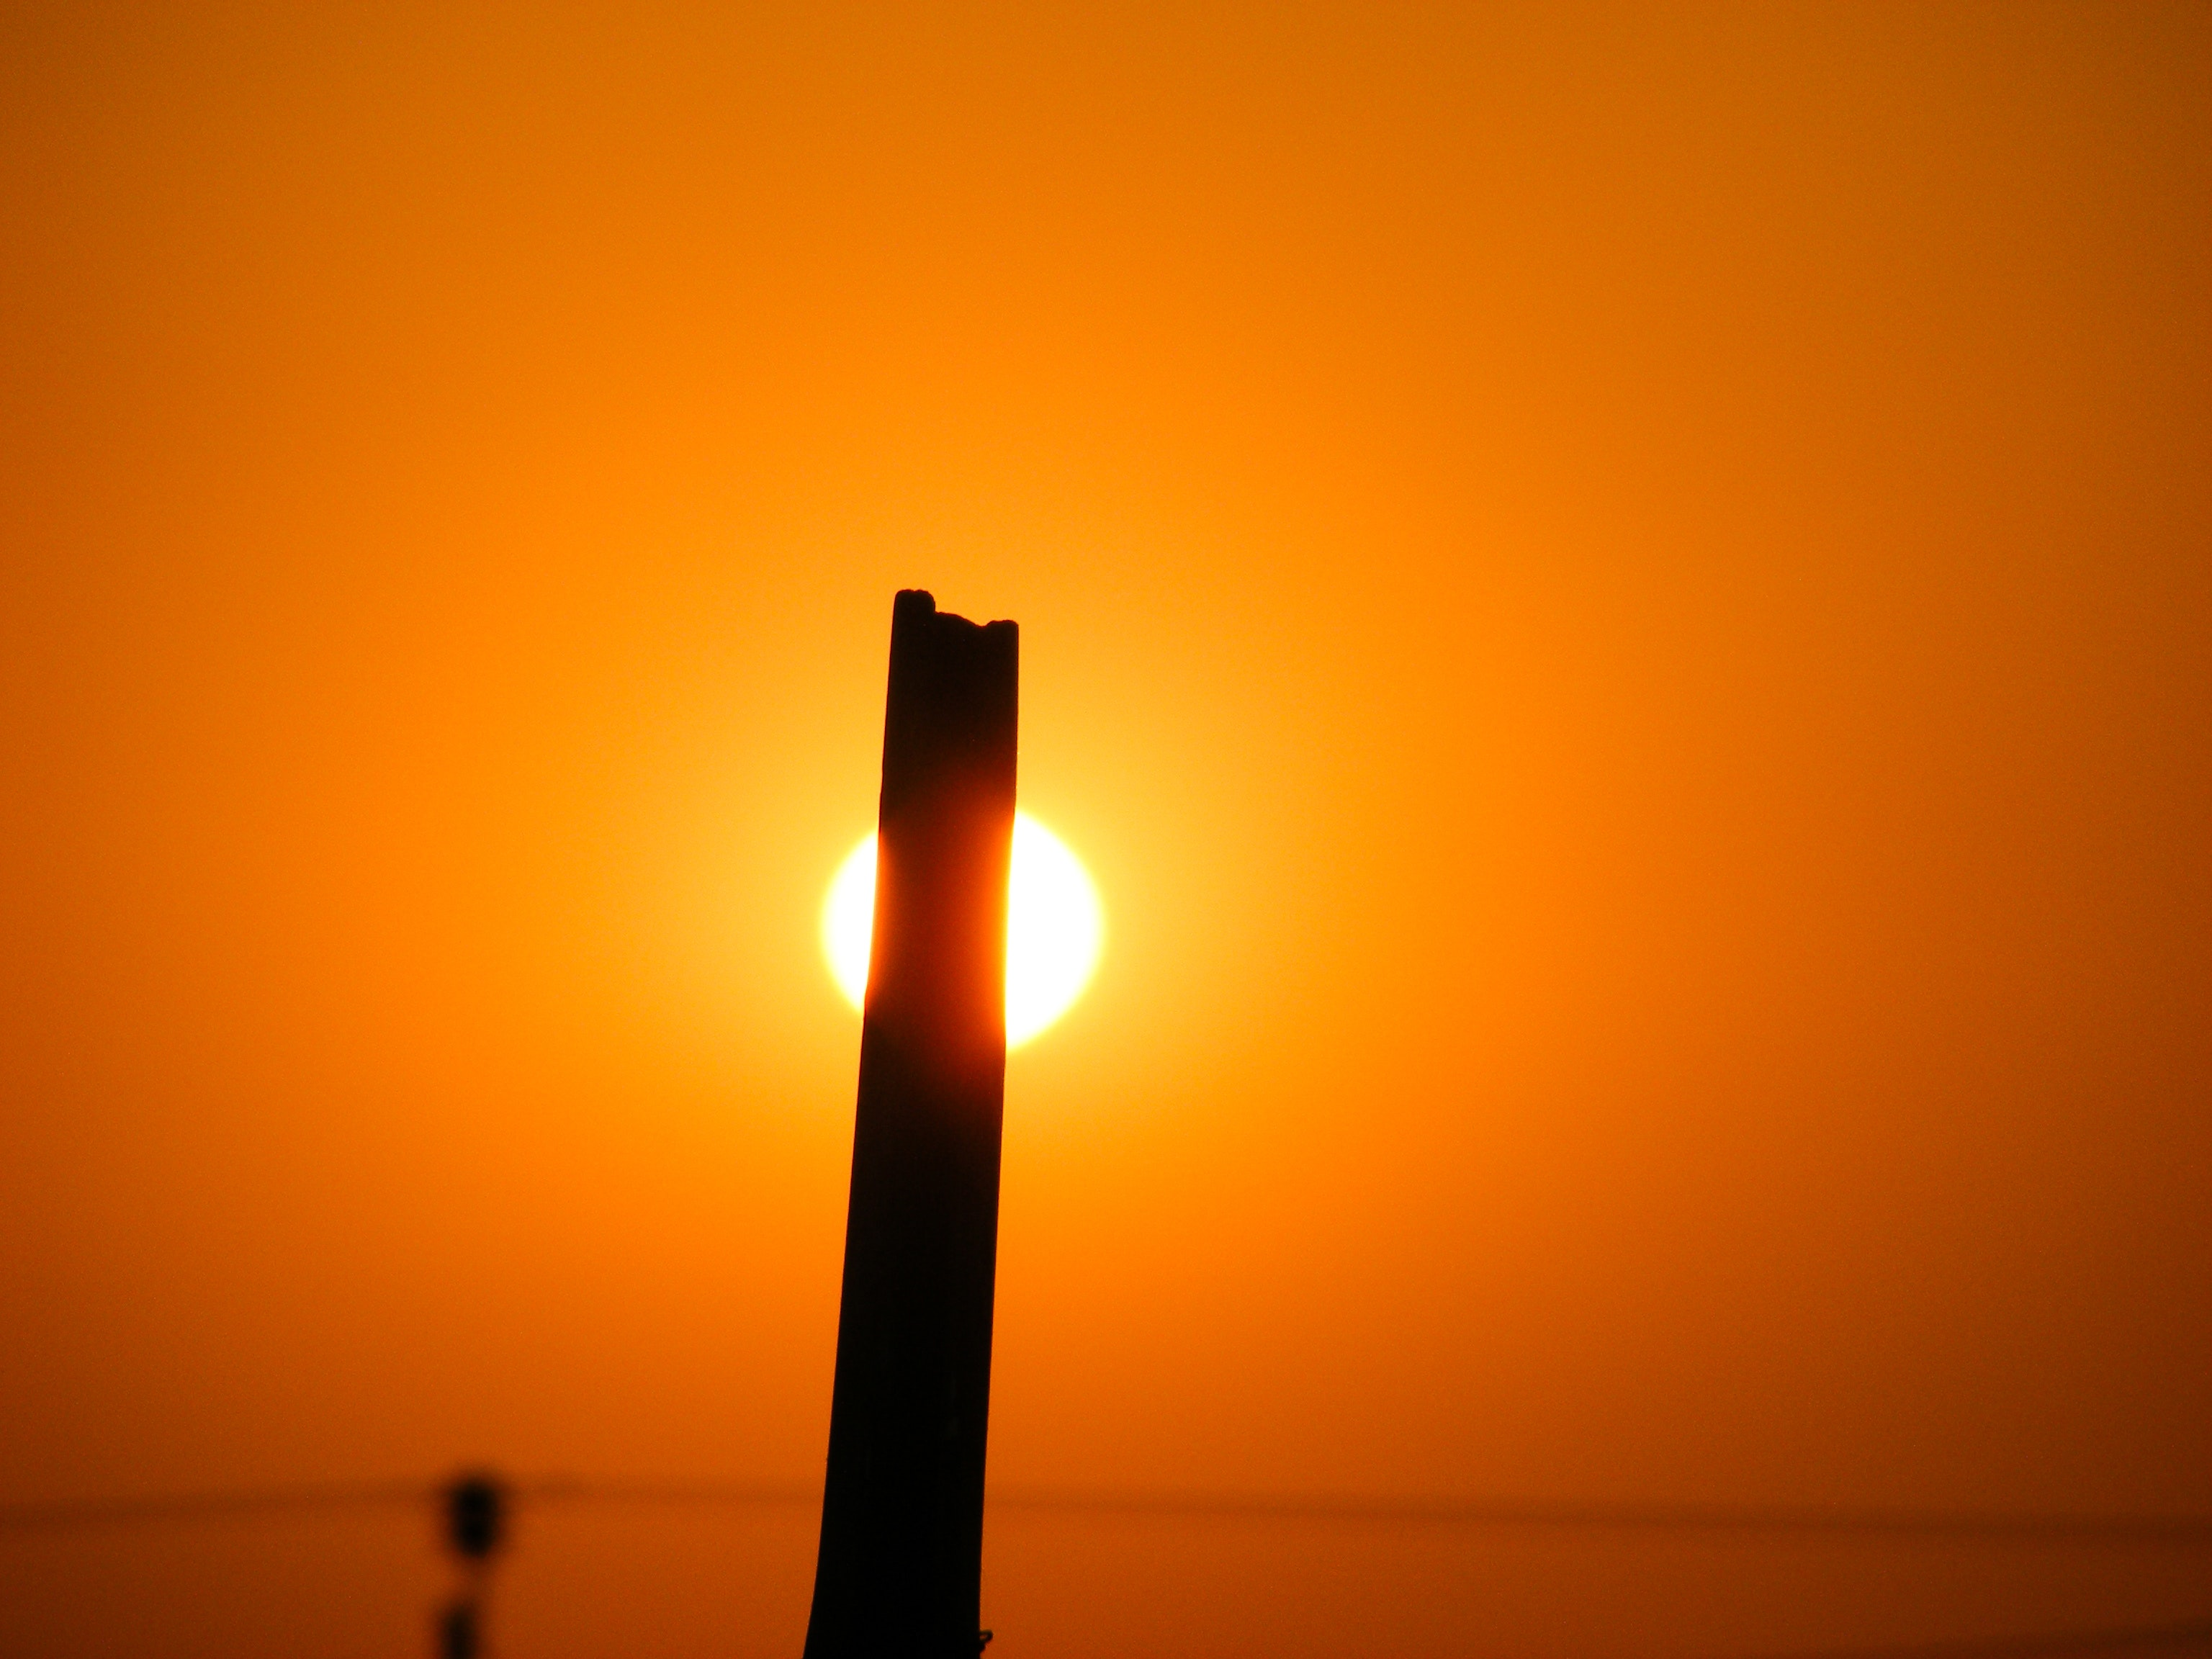 Free stock photo of golden sun, sun, sun light